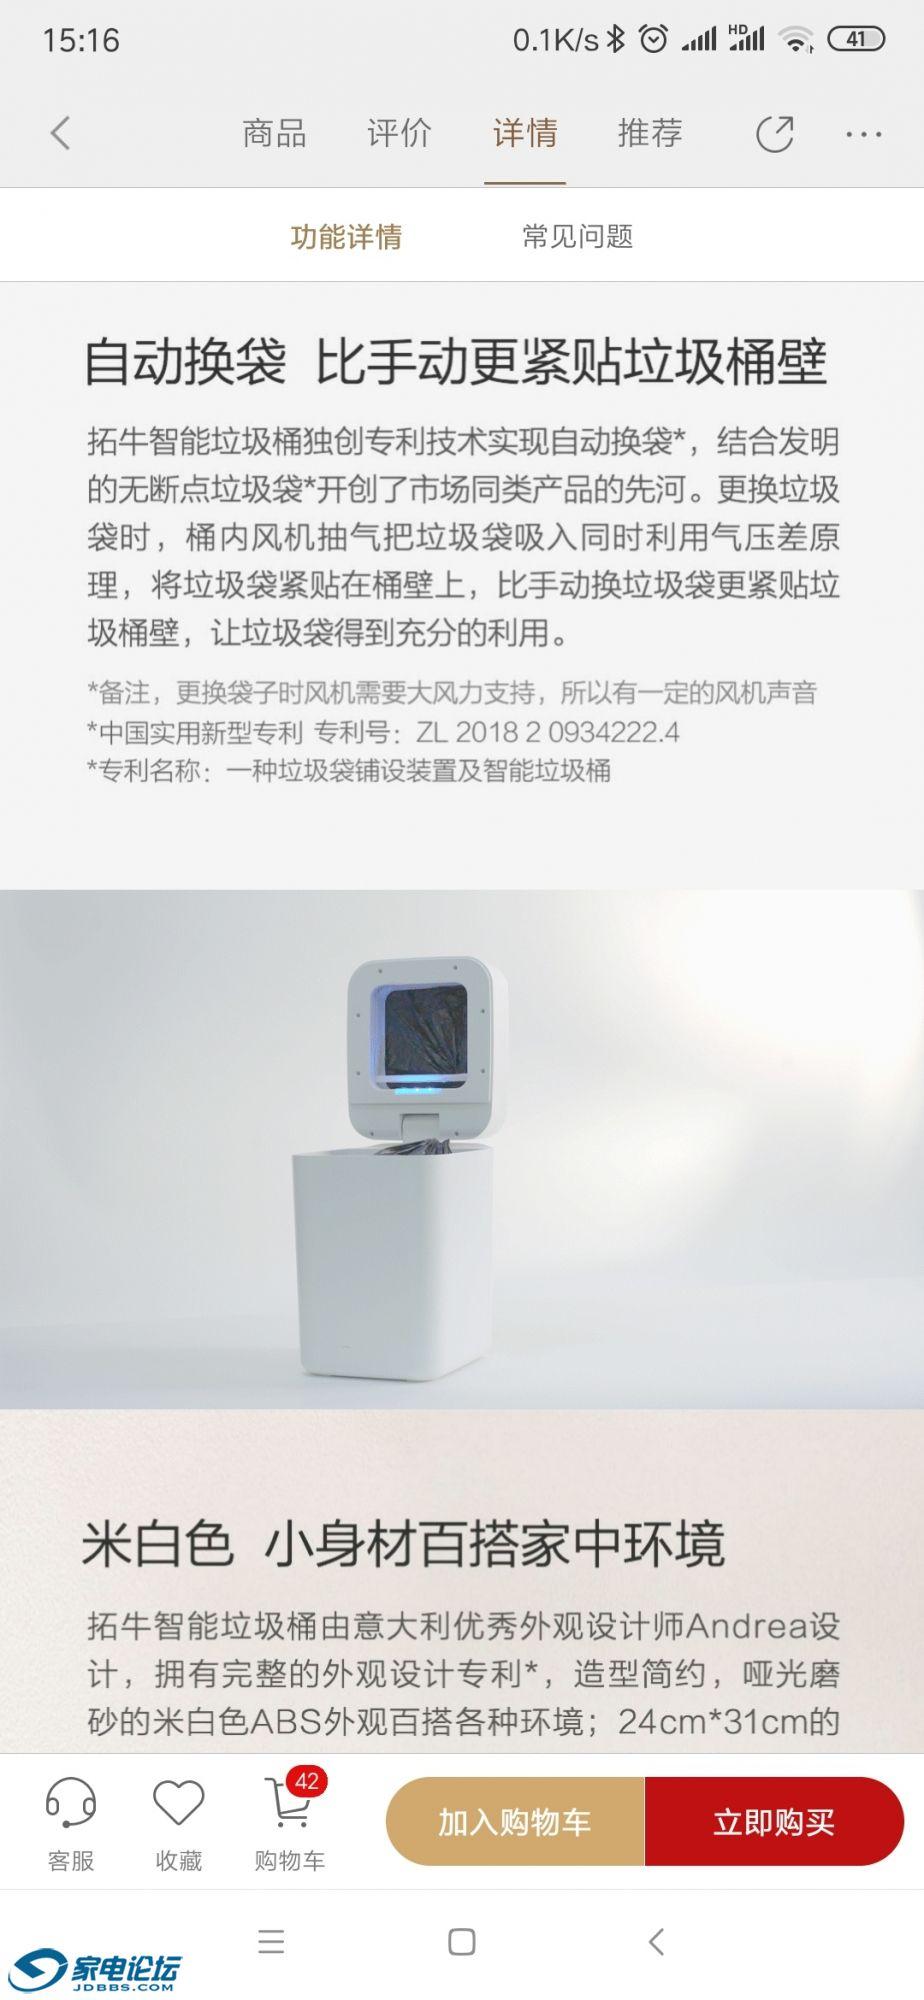 Screenshot_2019-10-18-15-16-23-267_com.xiaomi.smarthome.jpg